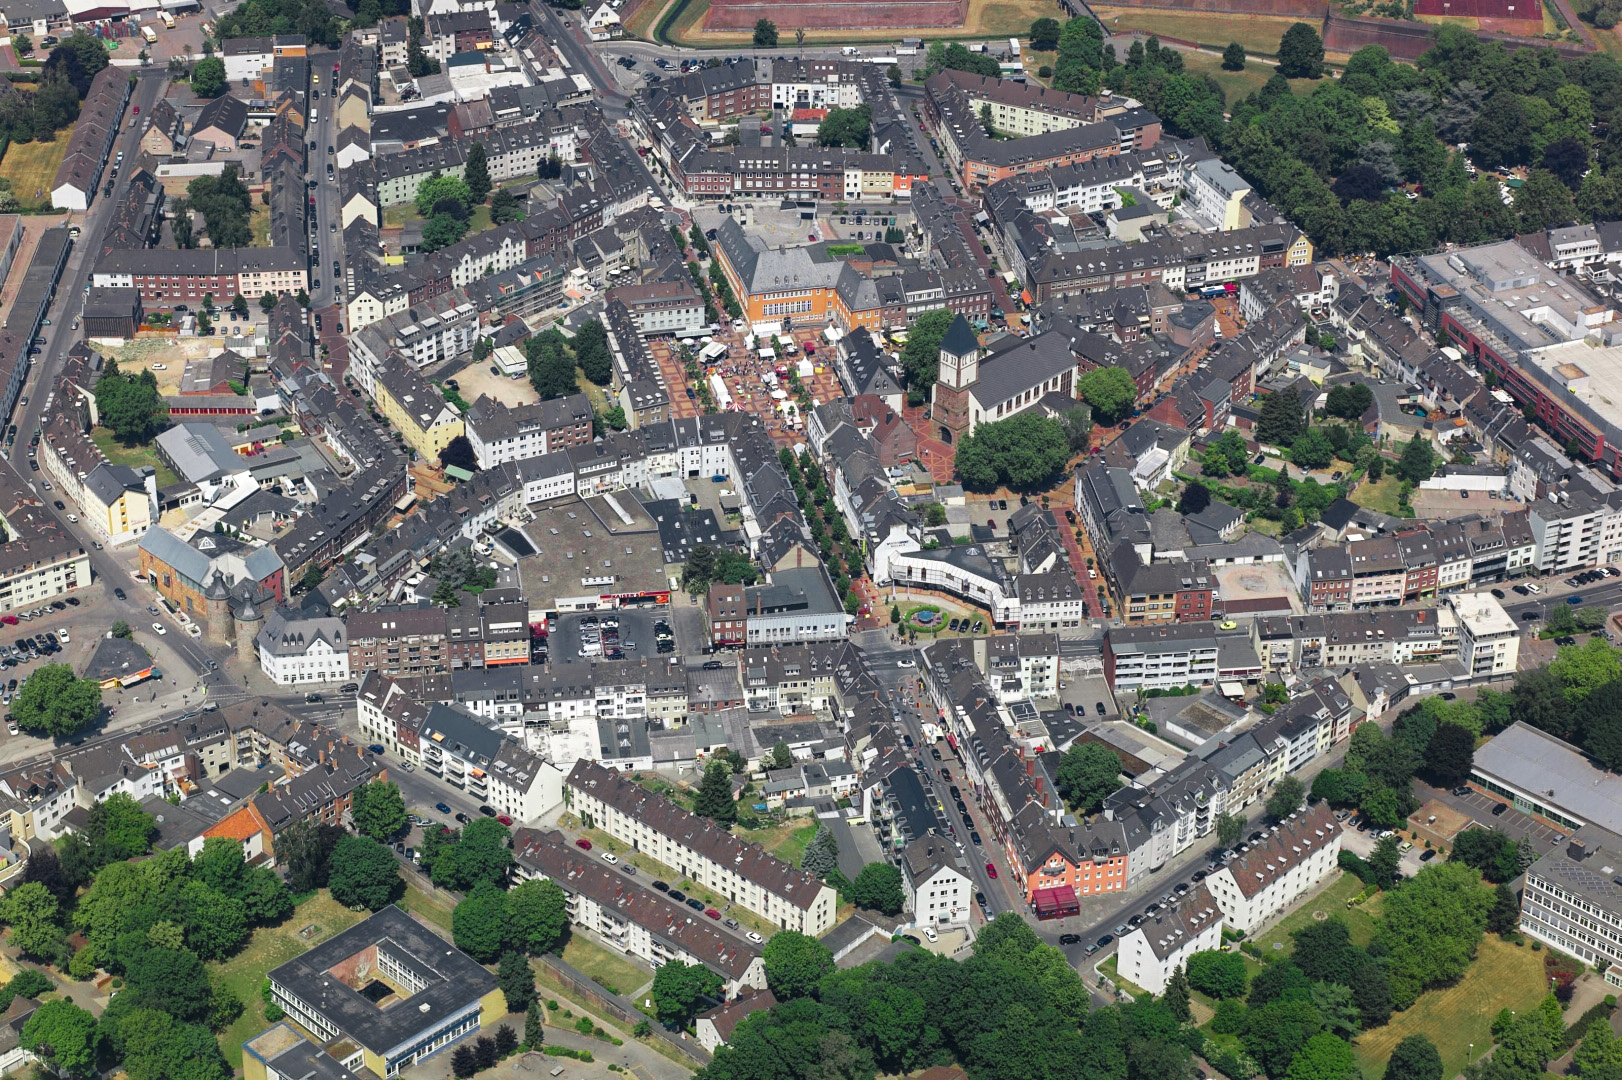 Luftaufnahme der Jülicher Kernstadt mit Marktplatz, altem Rathaus und Hexenturm | Foto: Dr. Ulrich Eckardt